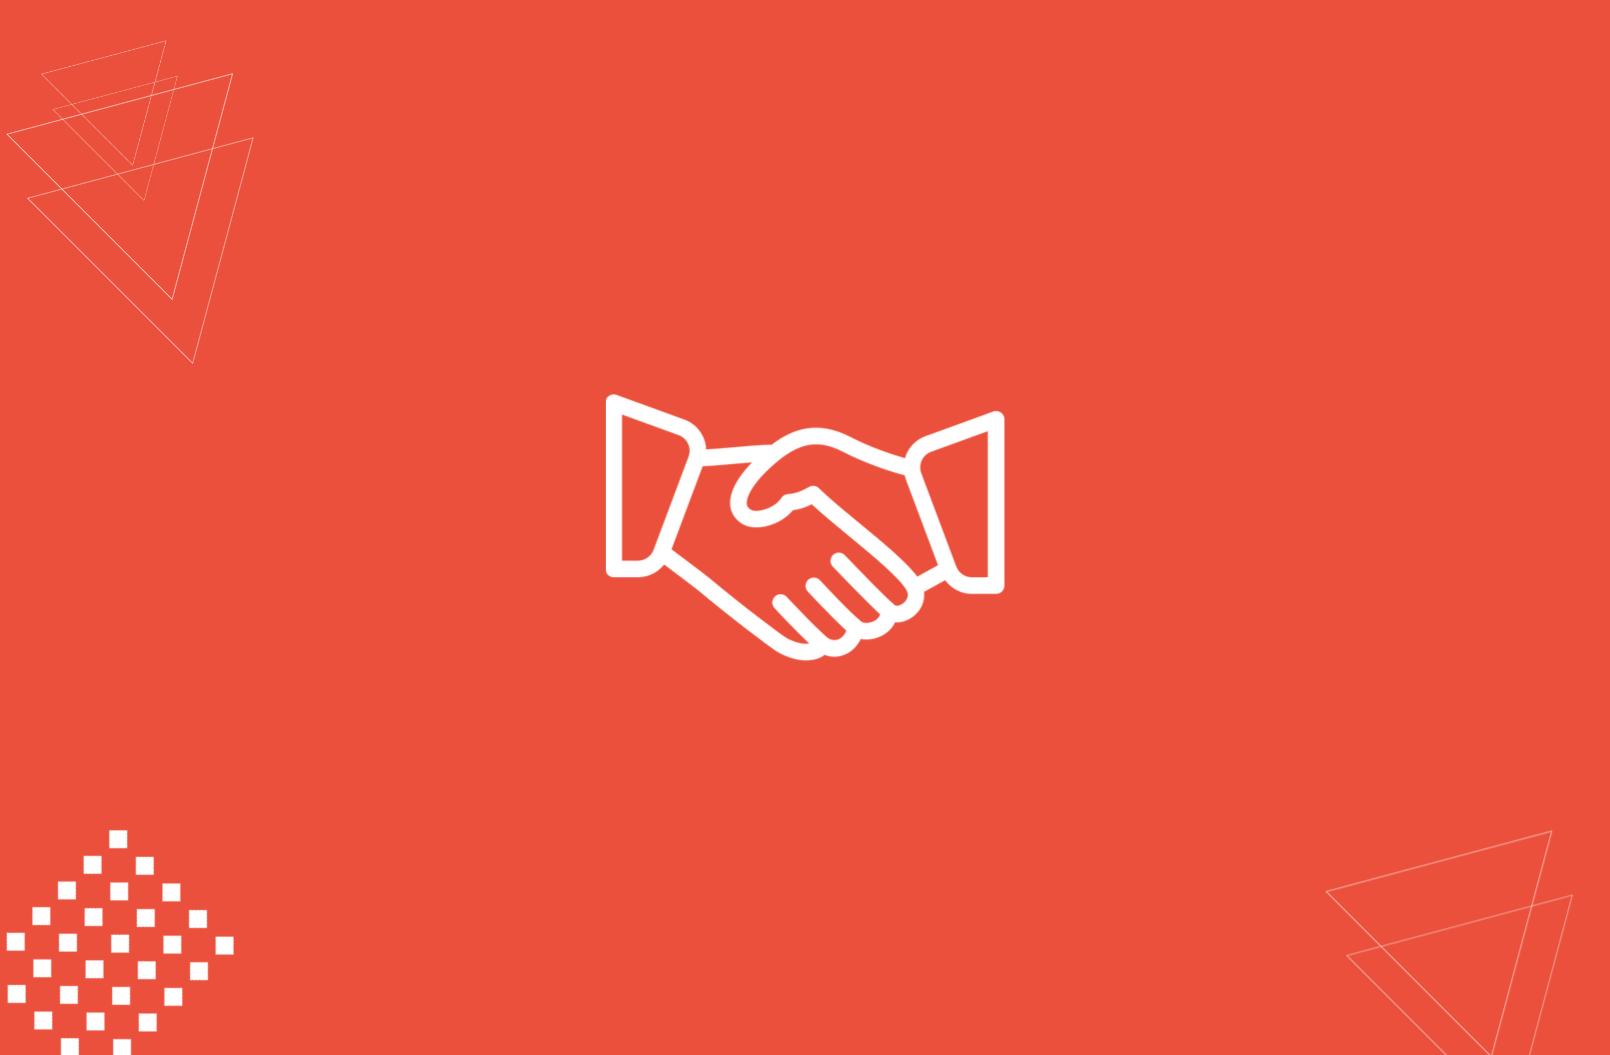 Retos y recomendaciones para aplicar ley de inclusión laboral en Chile